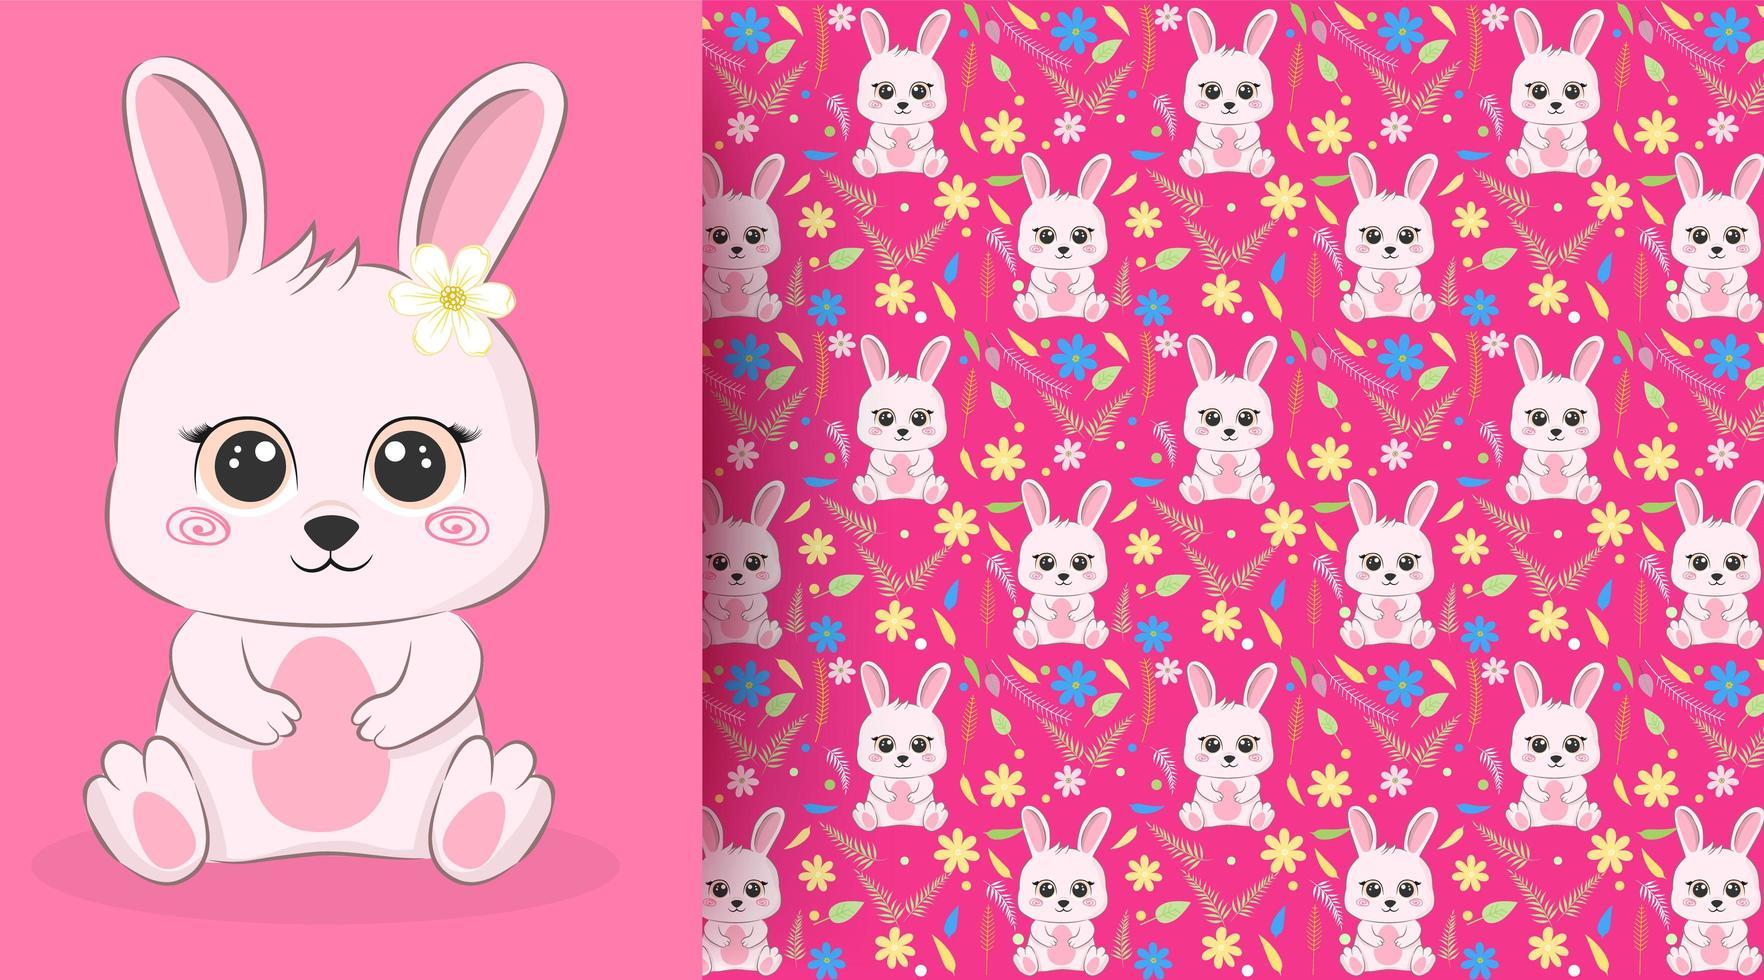 Kaninchen mit Blumenmuster auf rosa vektor